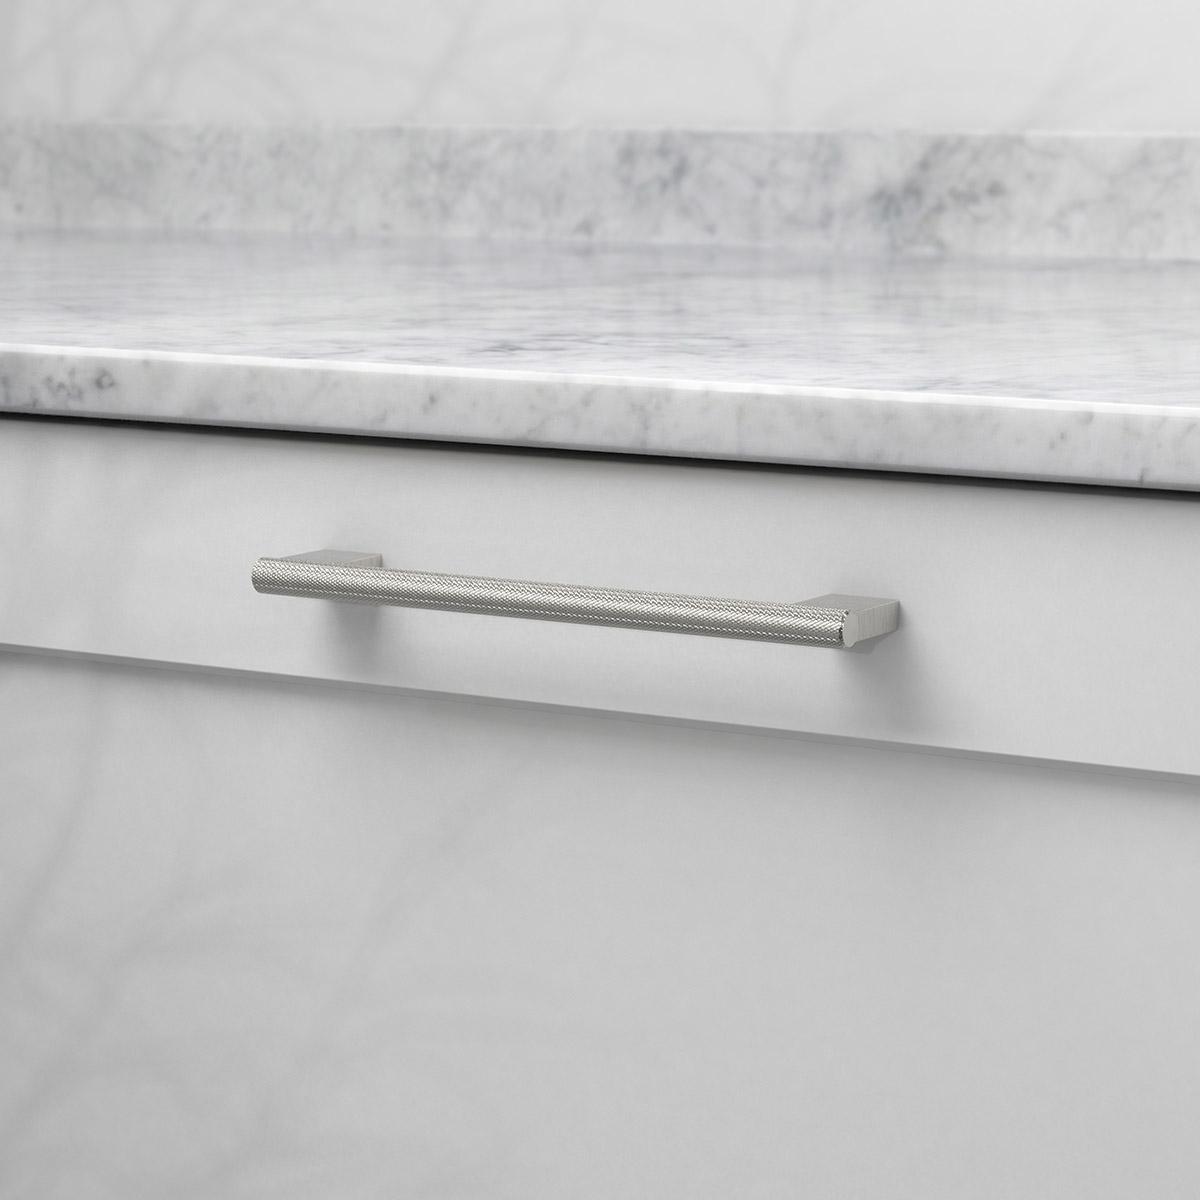 Handtag graf mini rostfri look 370232 11 cc 160 mm ncs s 3000 n marmor carrara